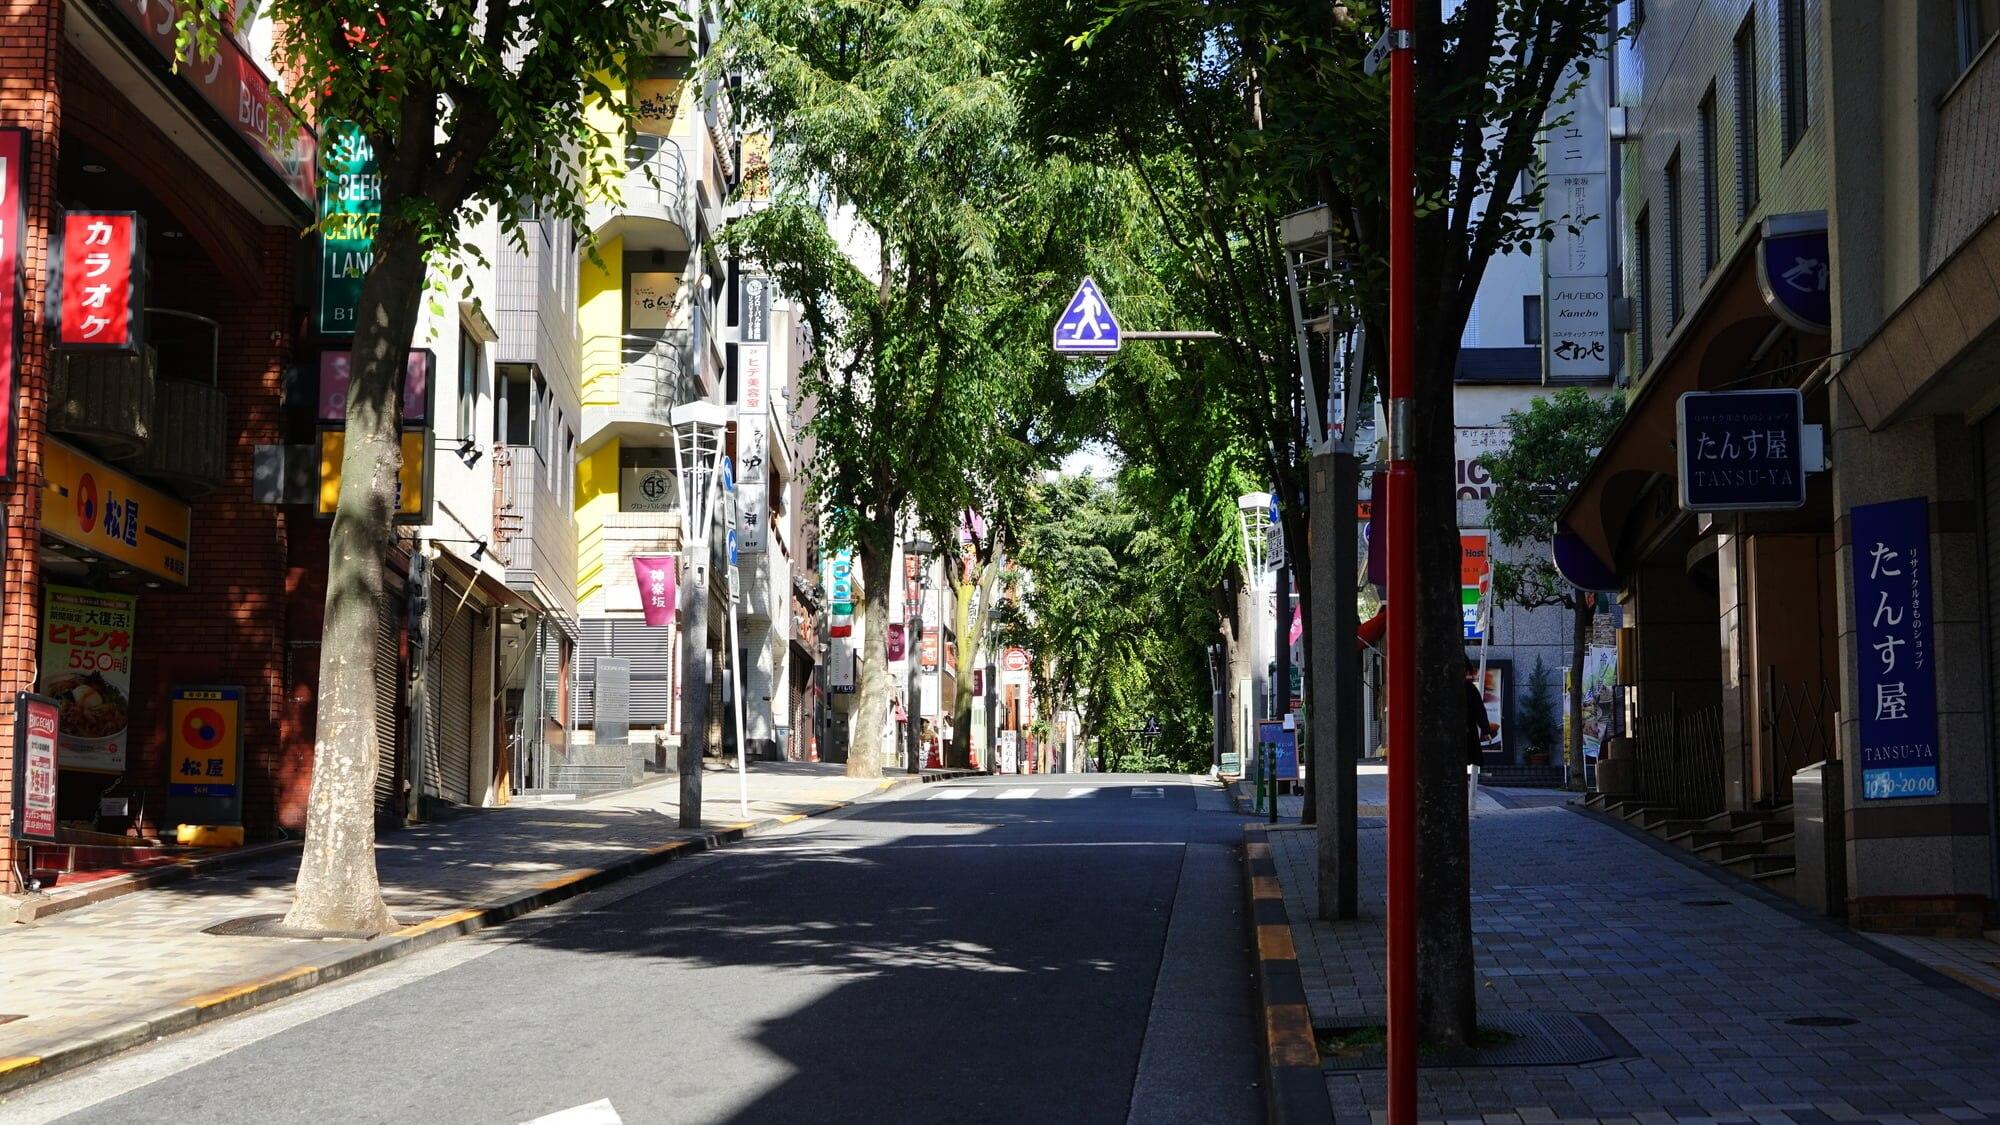 東京・神楽坂周辺のおすすめホテル 東京ドーム&武道館遠征も便利